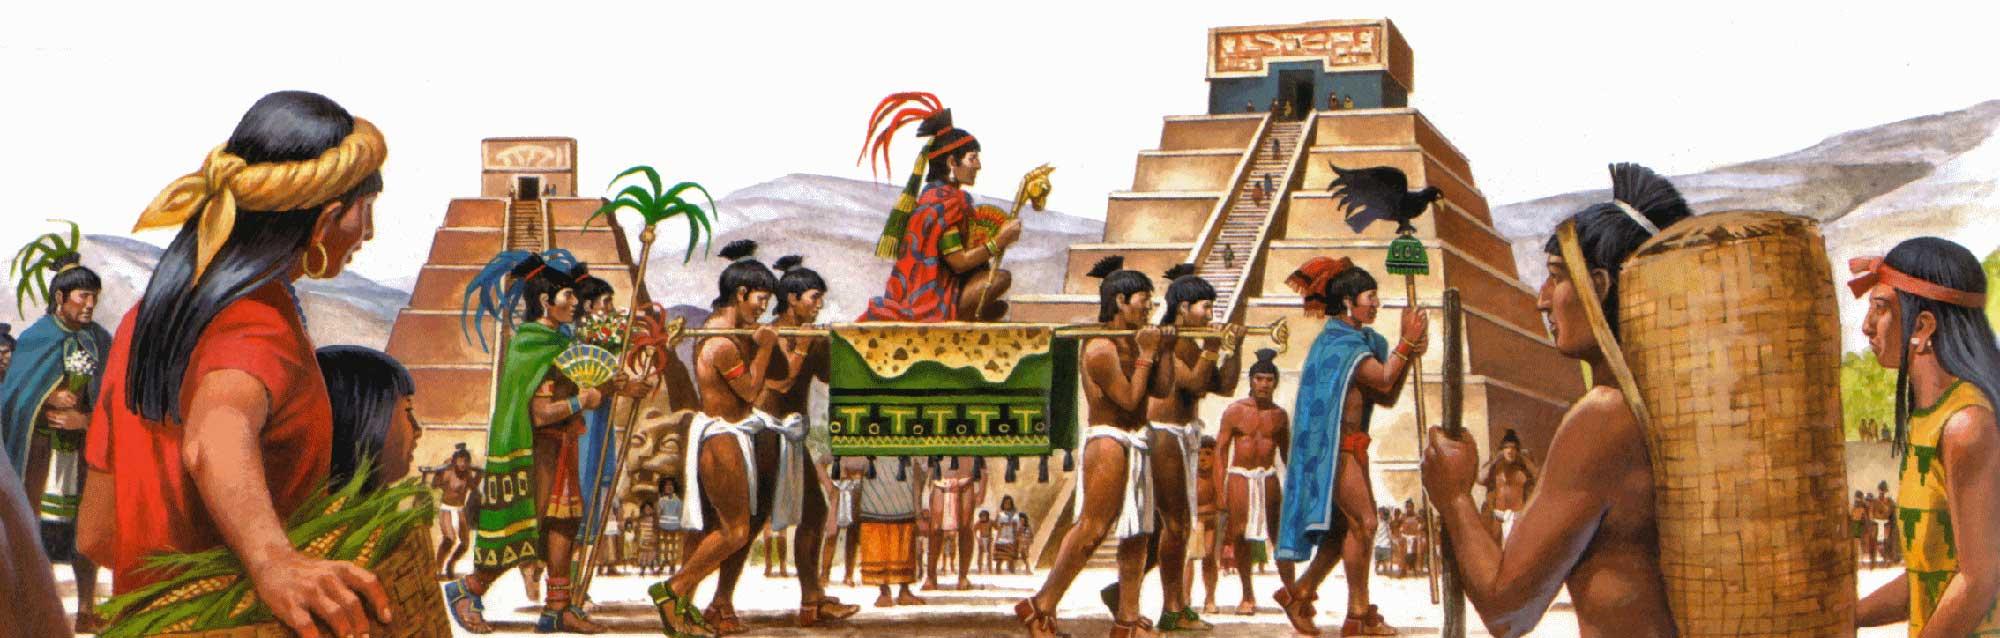 aztec-litter